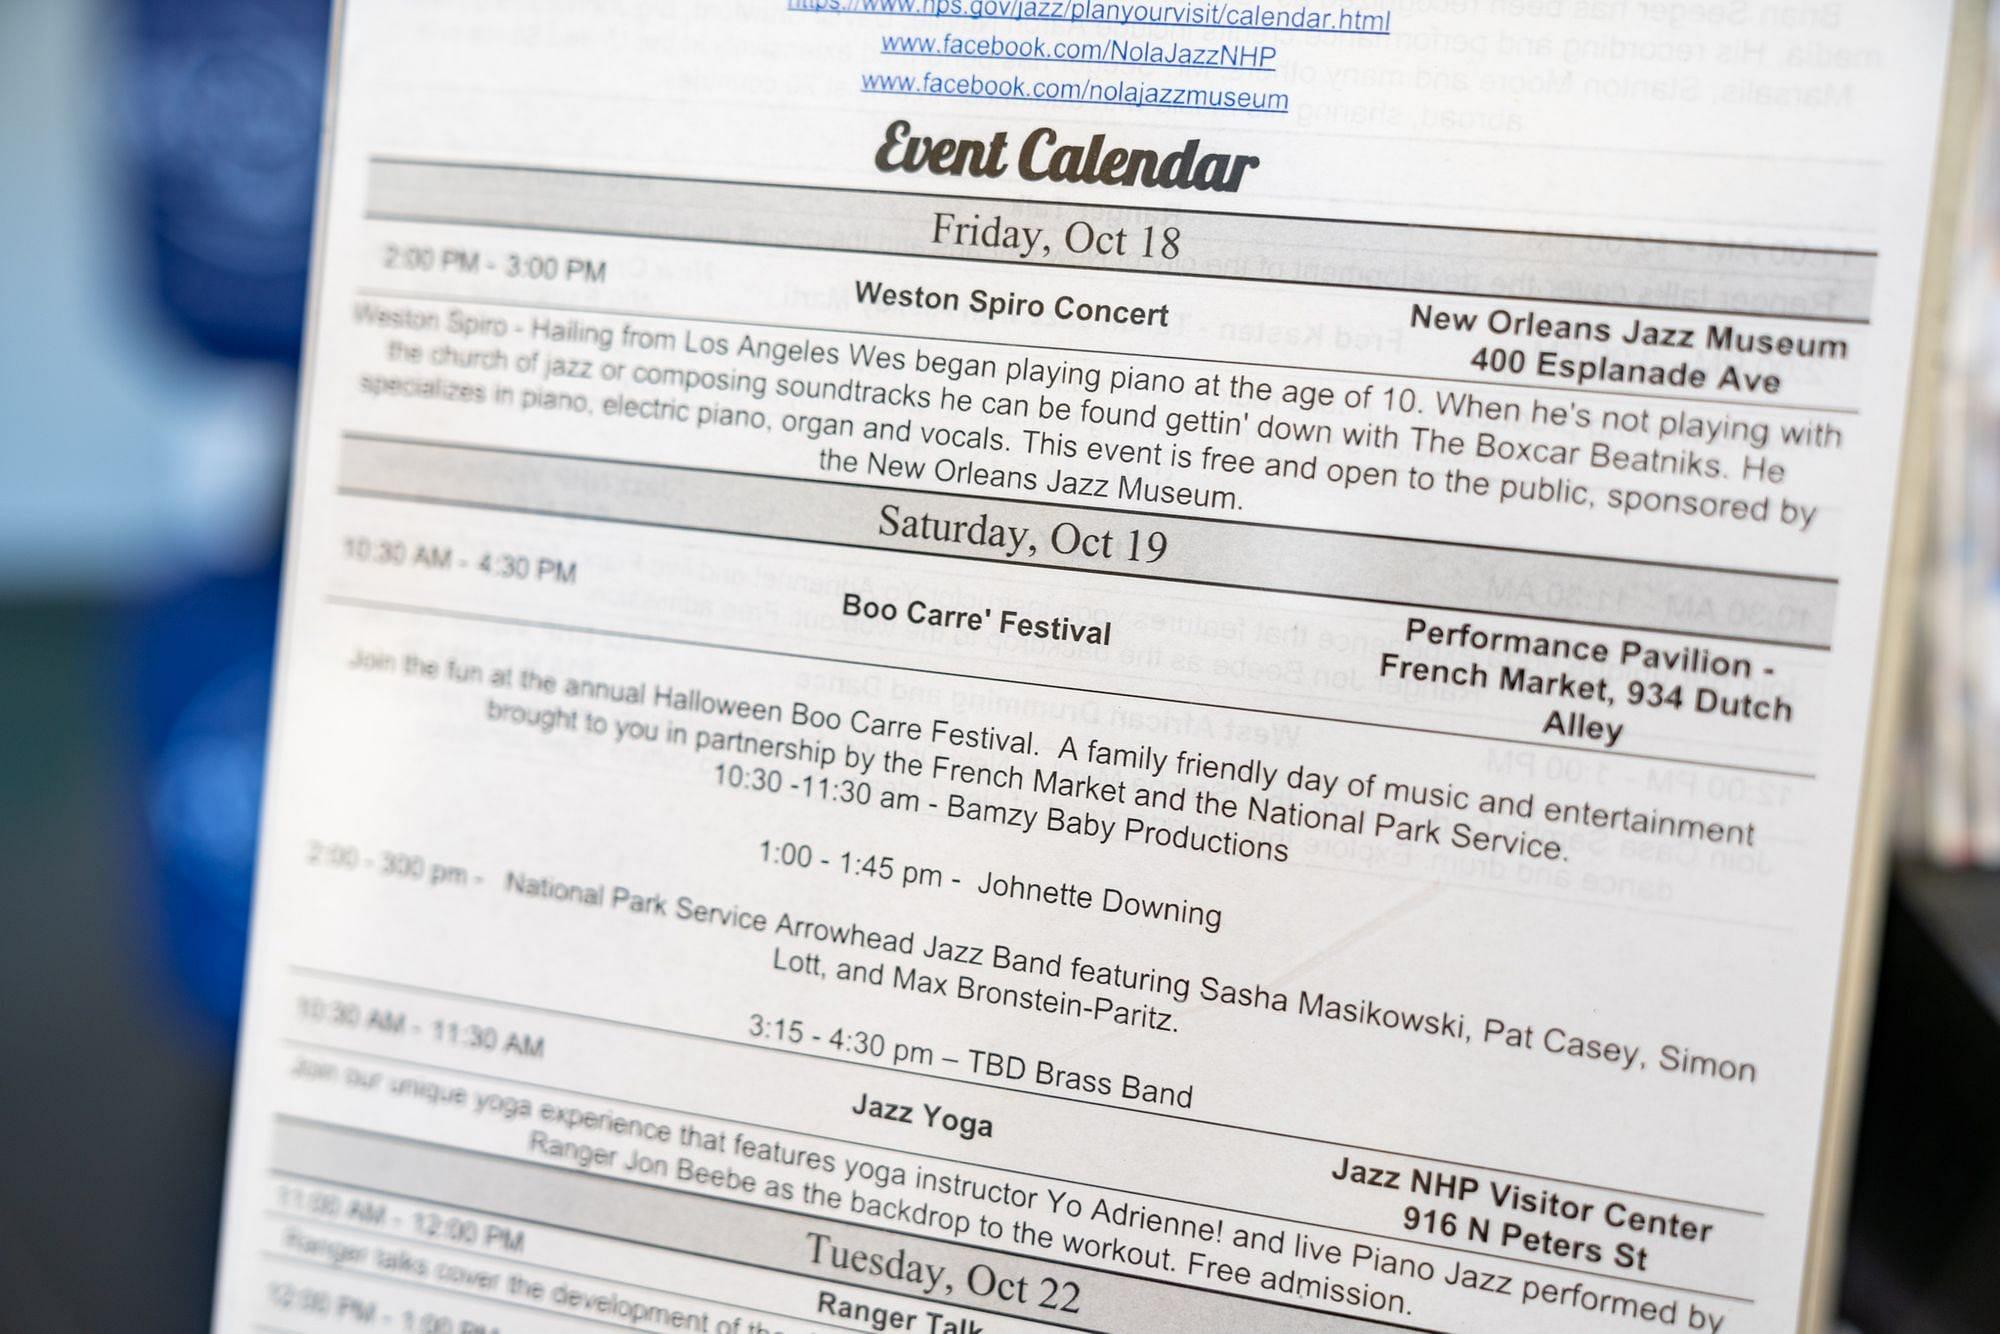 New Orleans Jazz Event Calendar